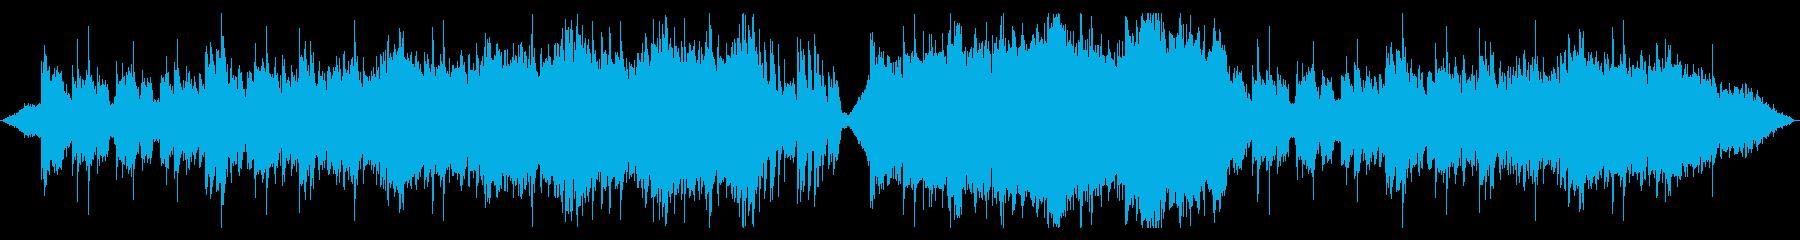 ダンジョン探索をイメージした管弦楽の再生済みの波形